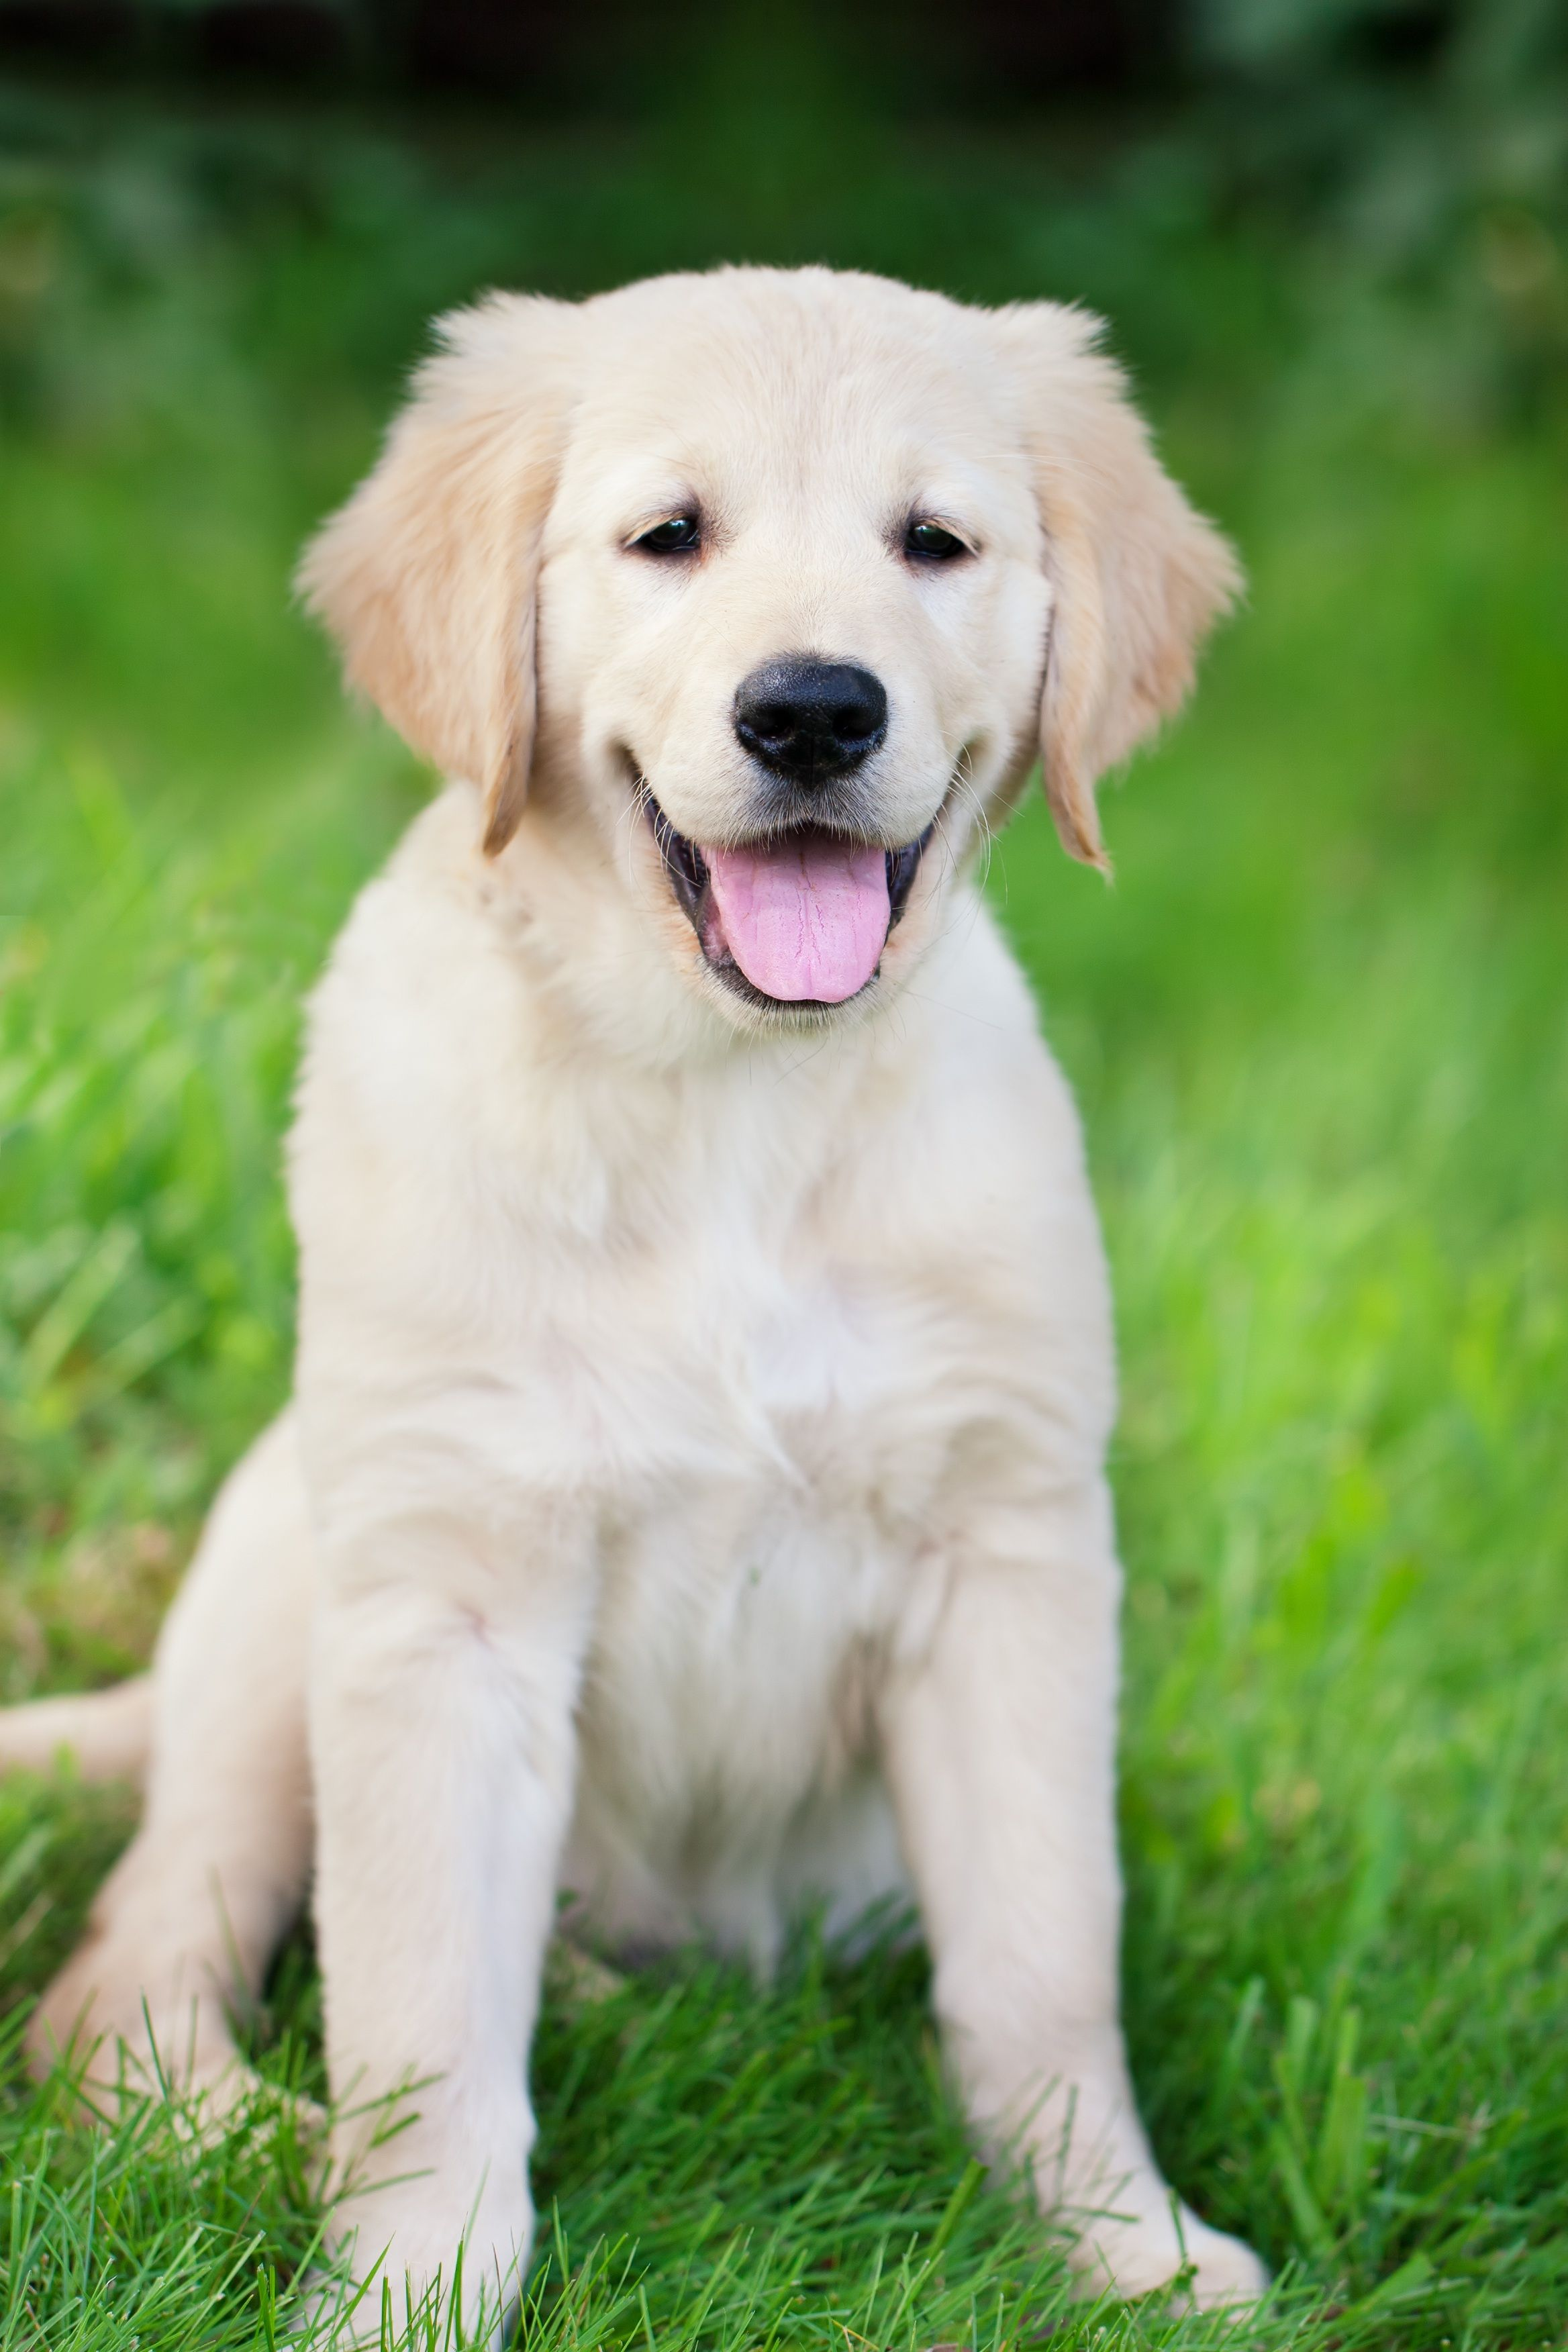 Adorable Too Cute Golden Retriever Puppies